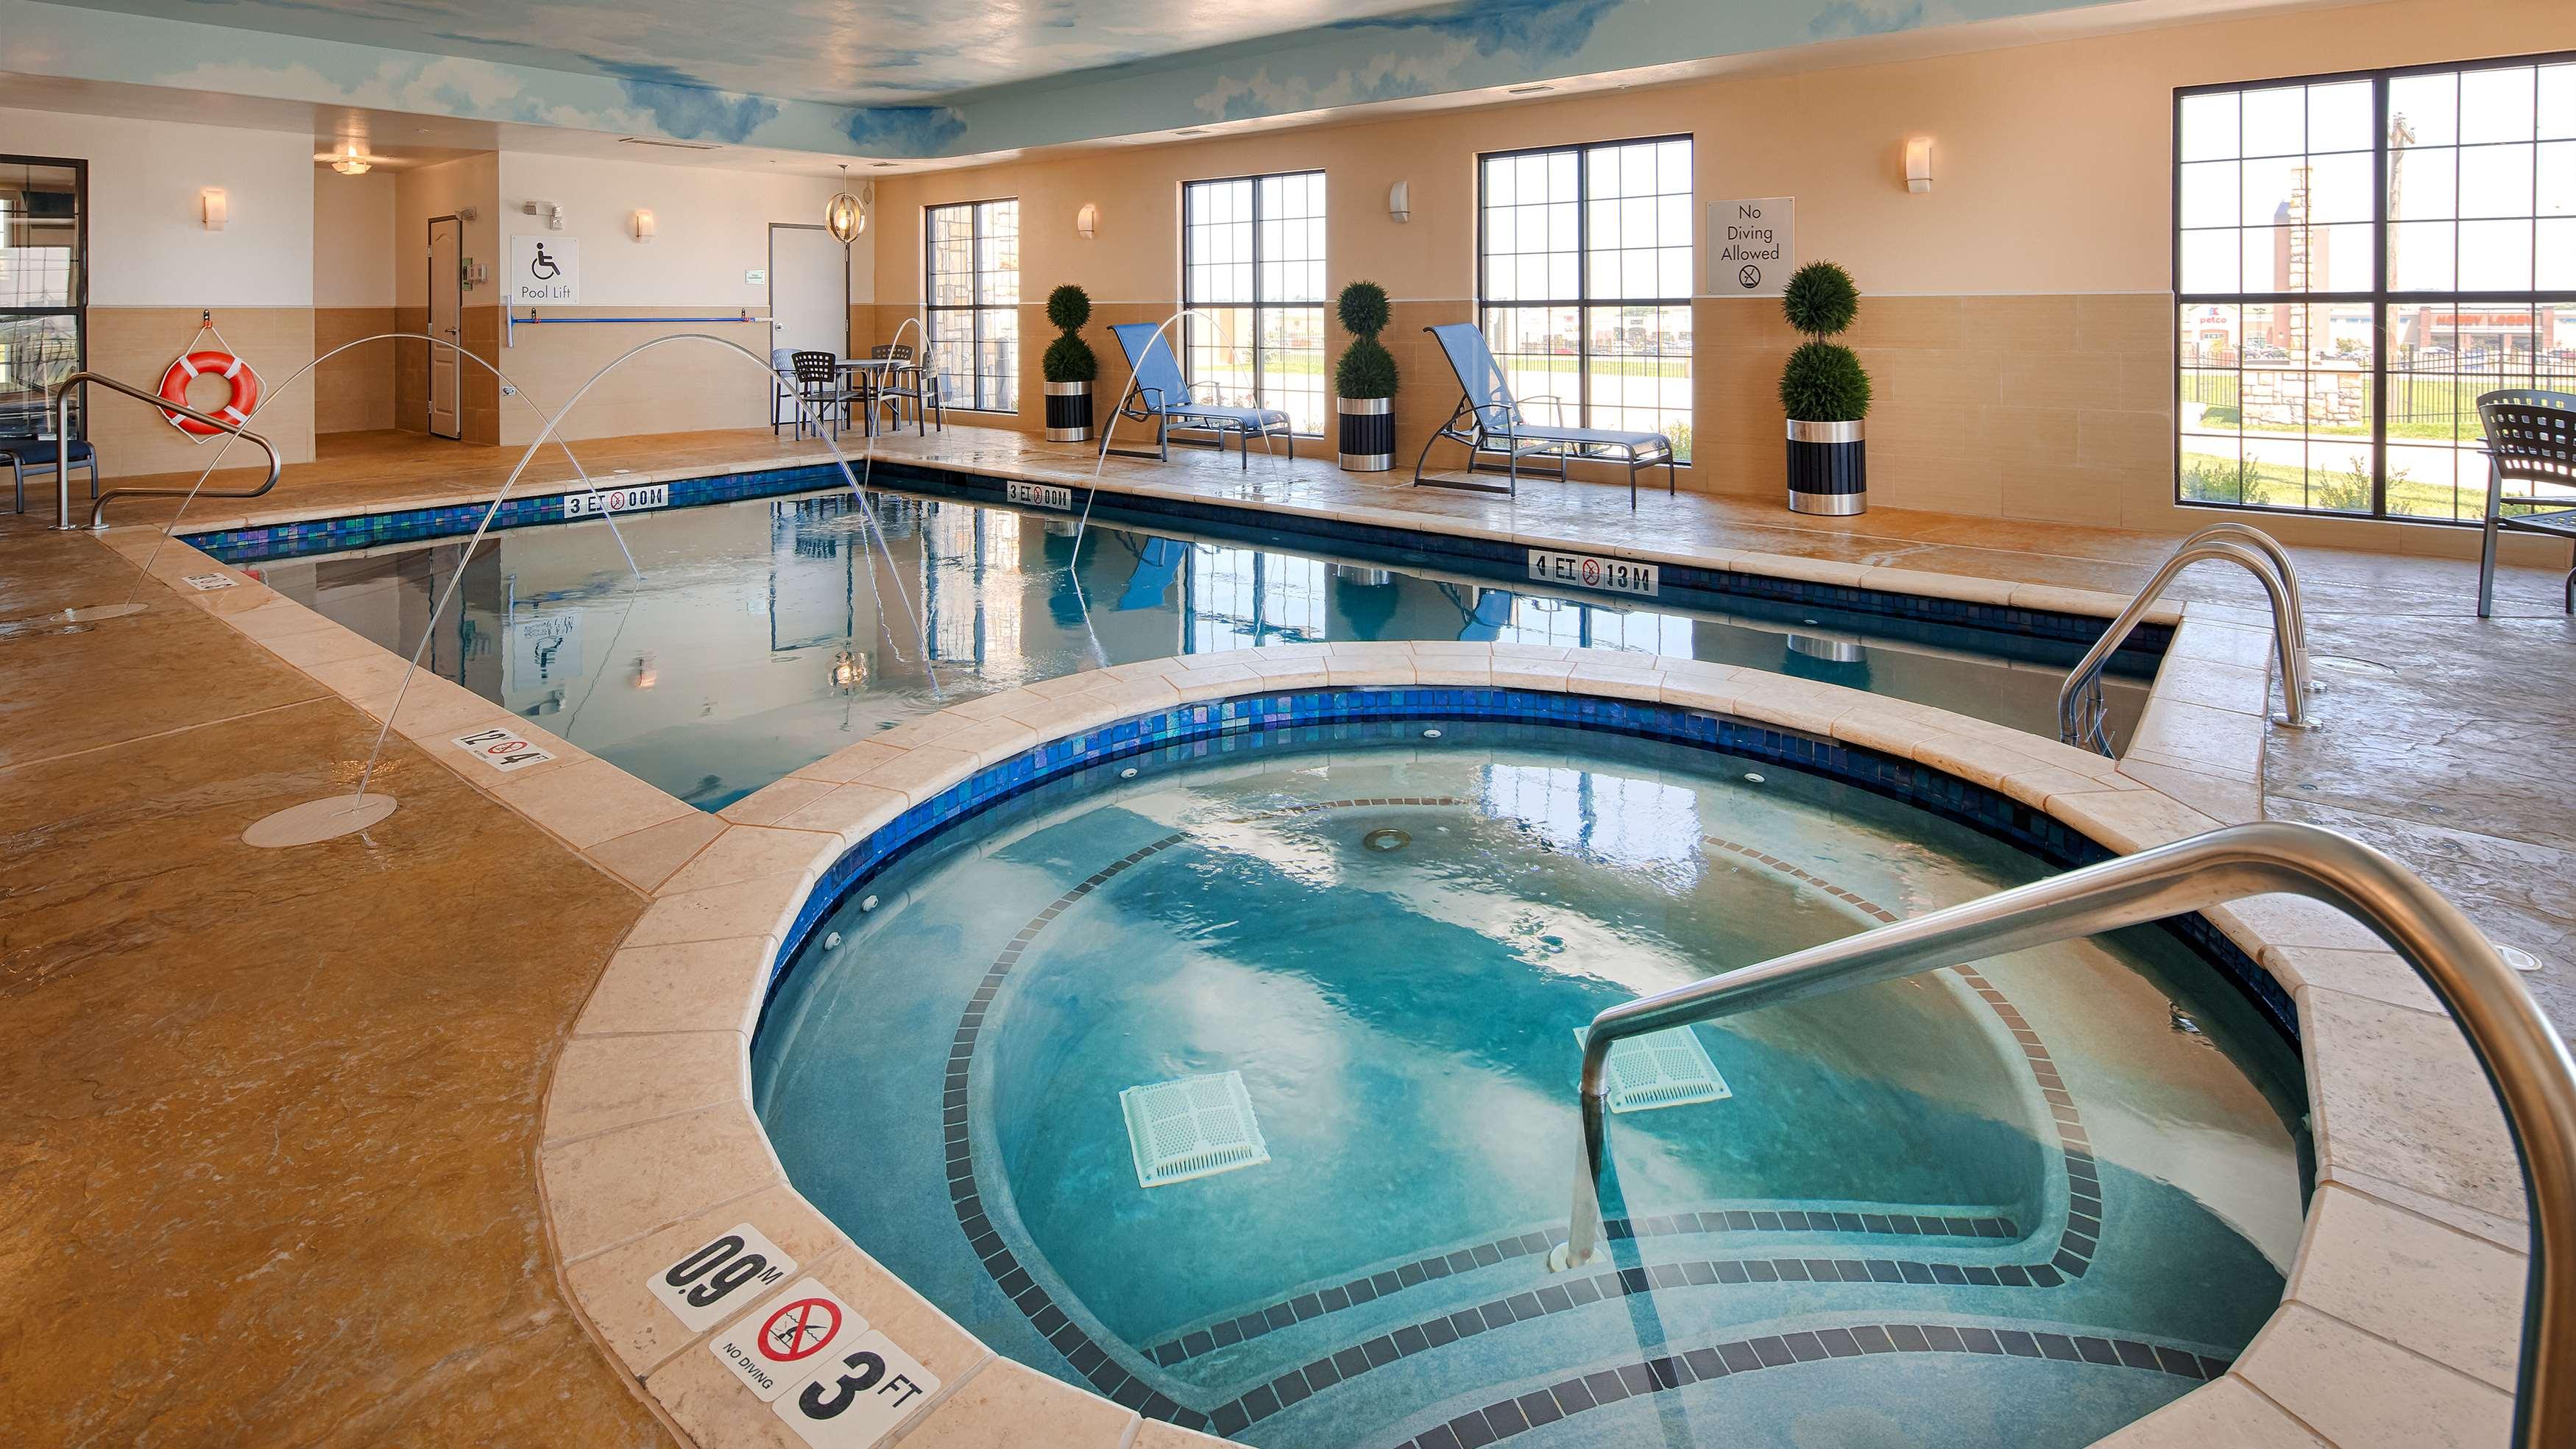 Best western plus emerald inn suites garden city kansas ks for Holiday inn express garden city ks